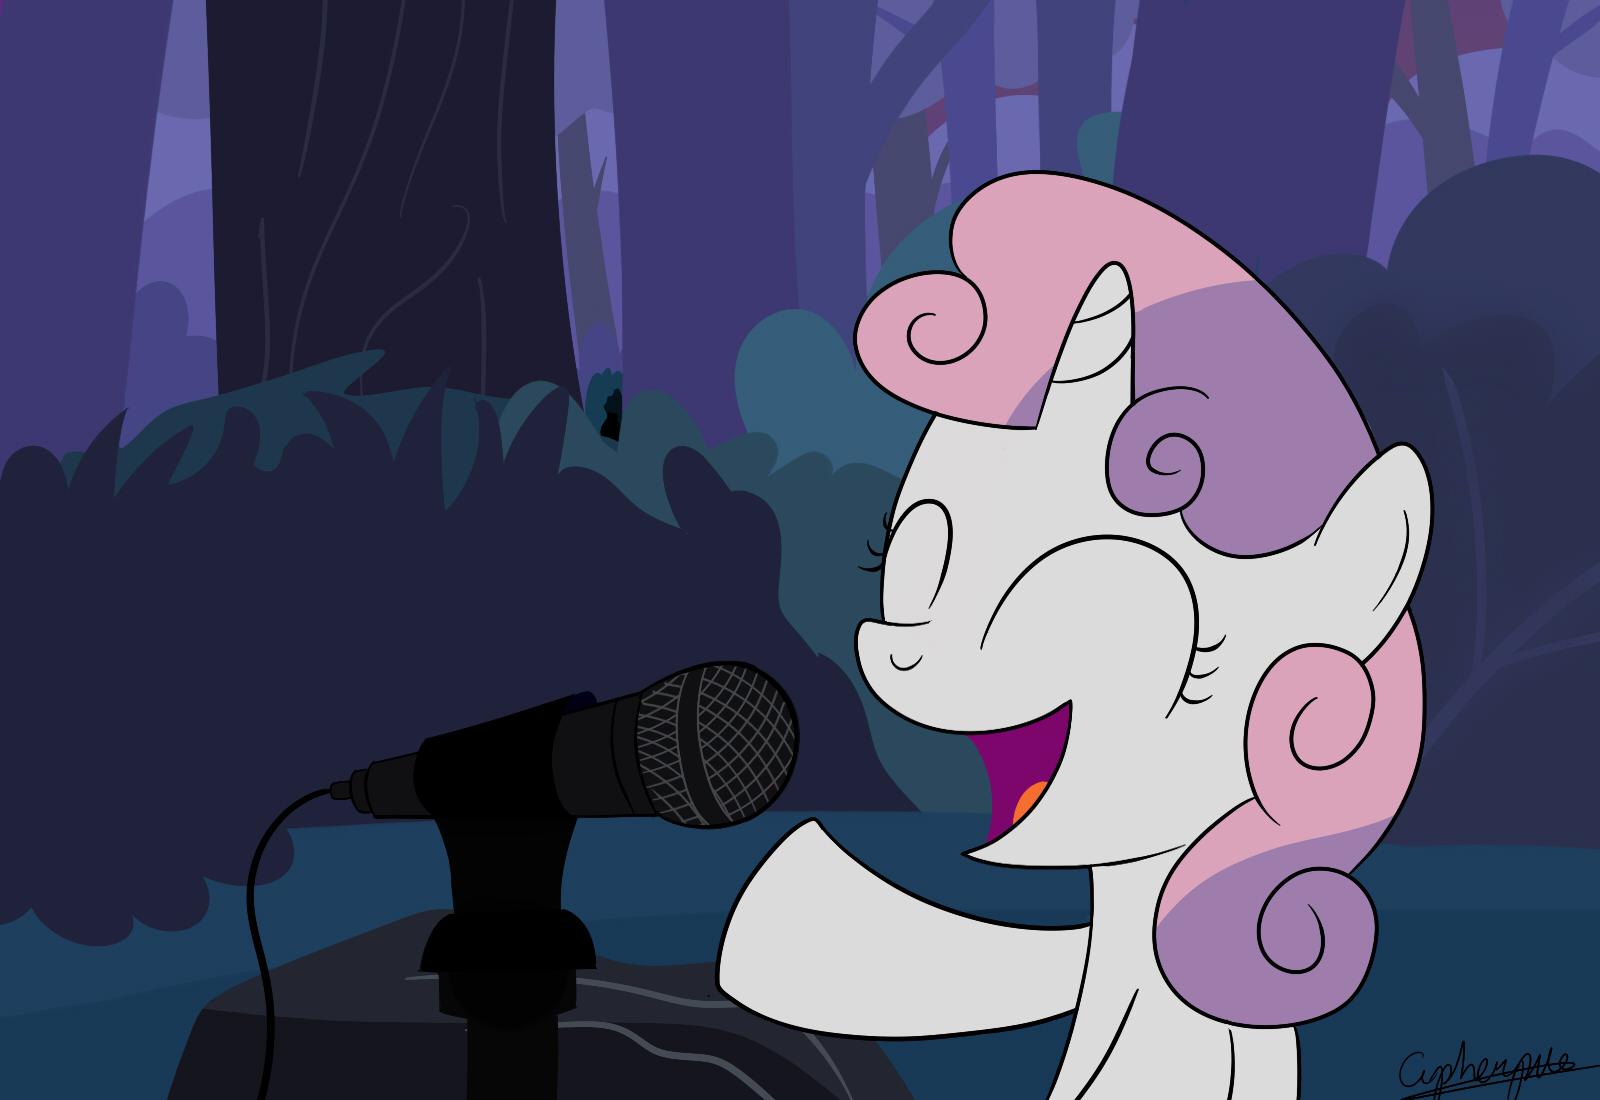 Singing Sweetie Belle by cipherpie